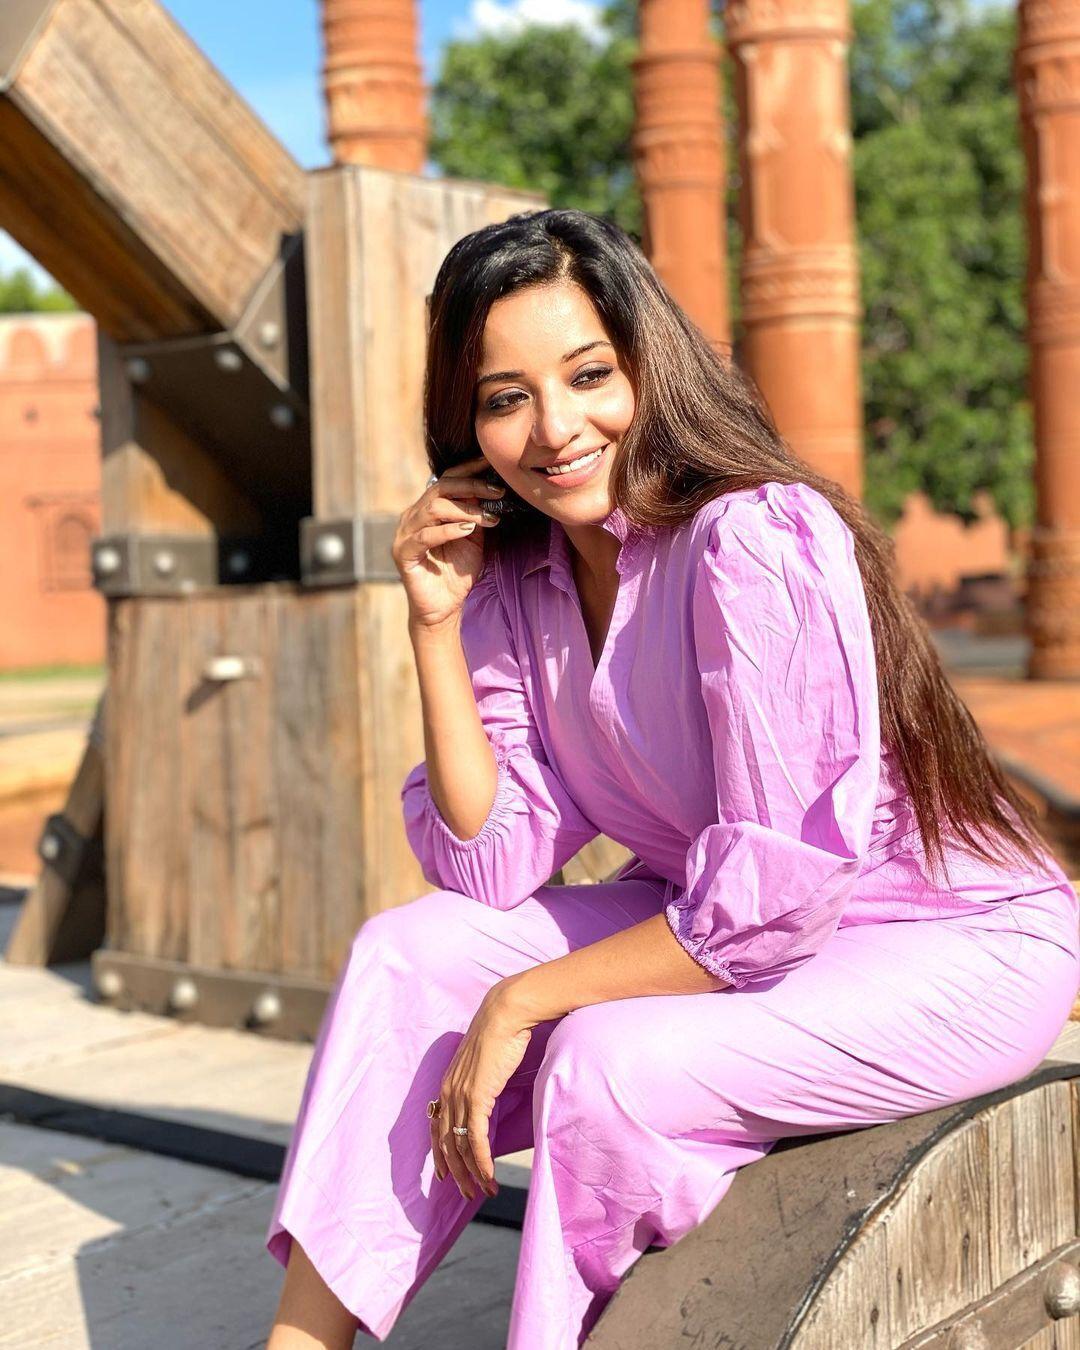 तस्वीरों में देखिए ट्रांसपेरेंट ड्रेस में भोजपुरी क्वीन मोनालिसा ने उड़ाया गरदा